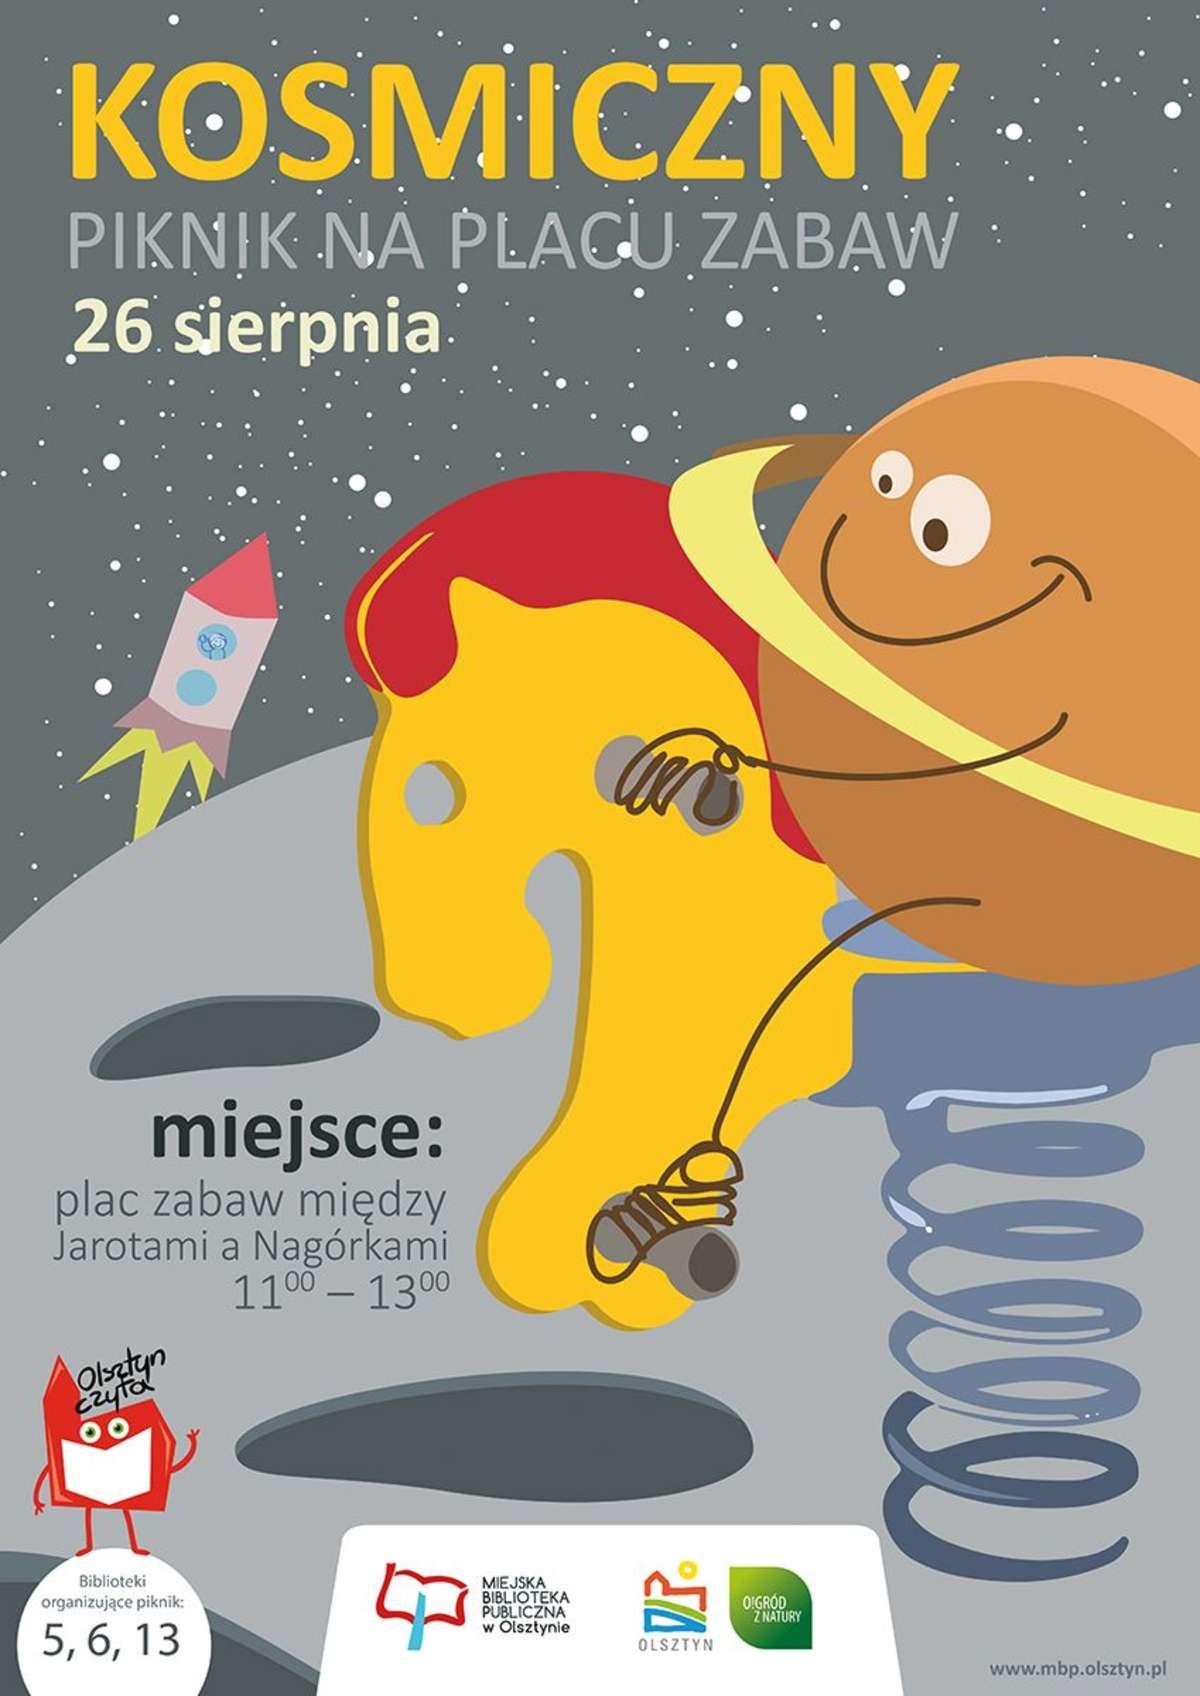 Biblioteka zaprasza na Piknik Kosmiczny - full image